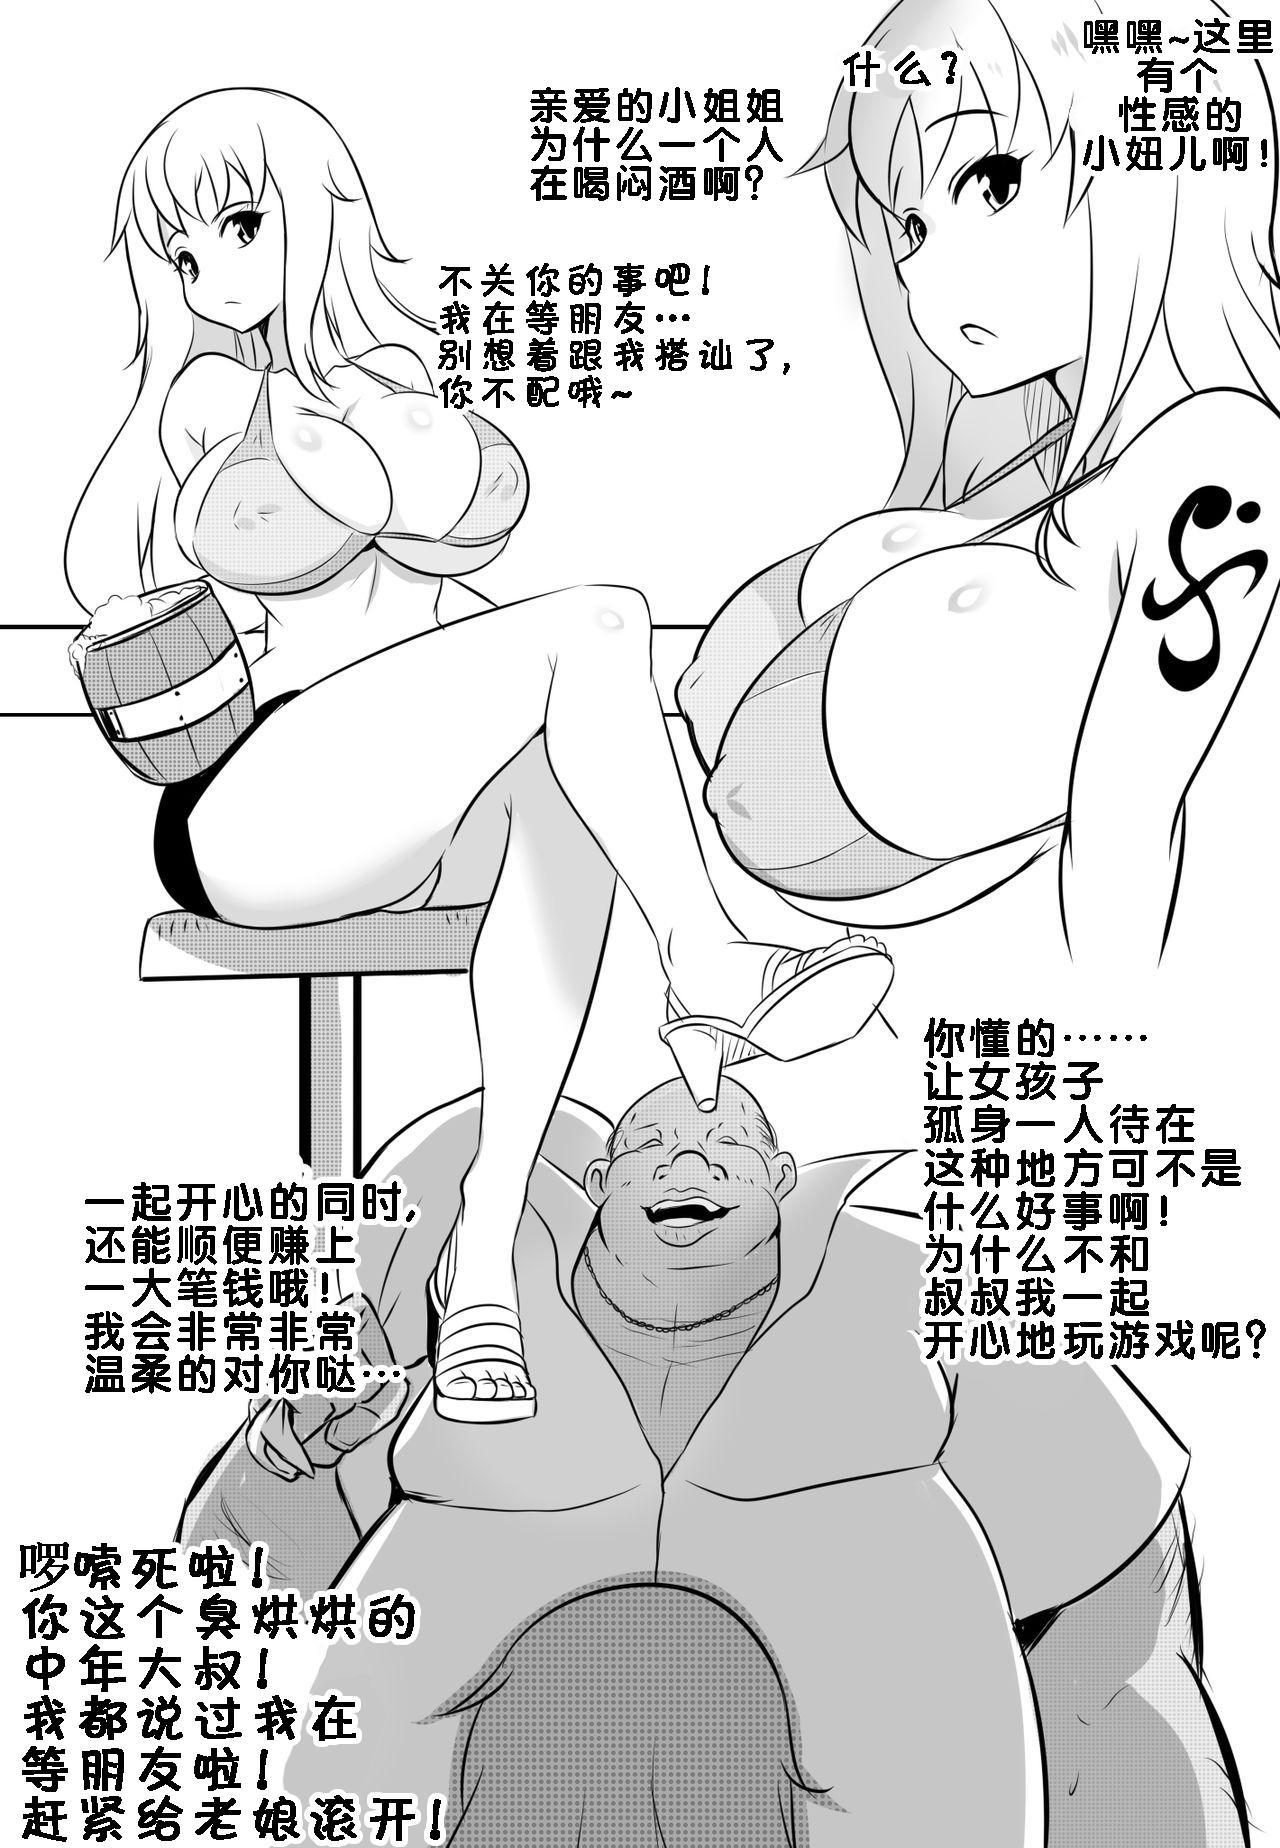 Wenching 3 Nami Uncensored 2